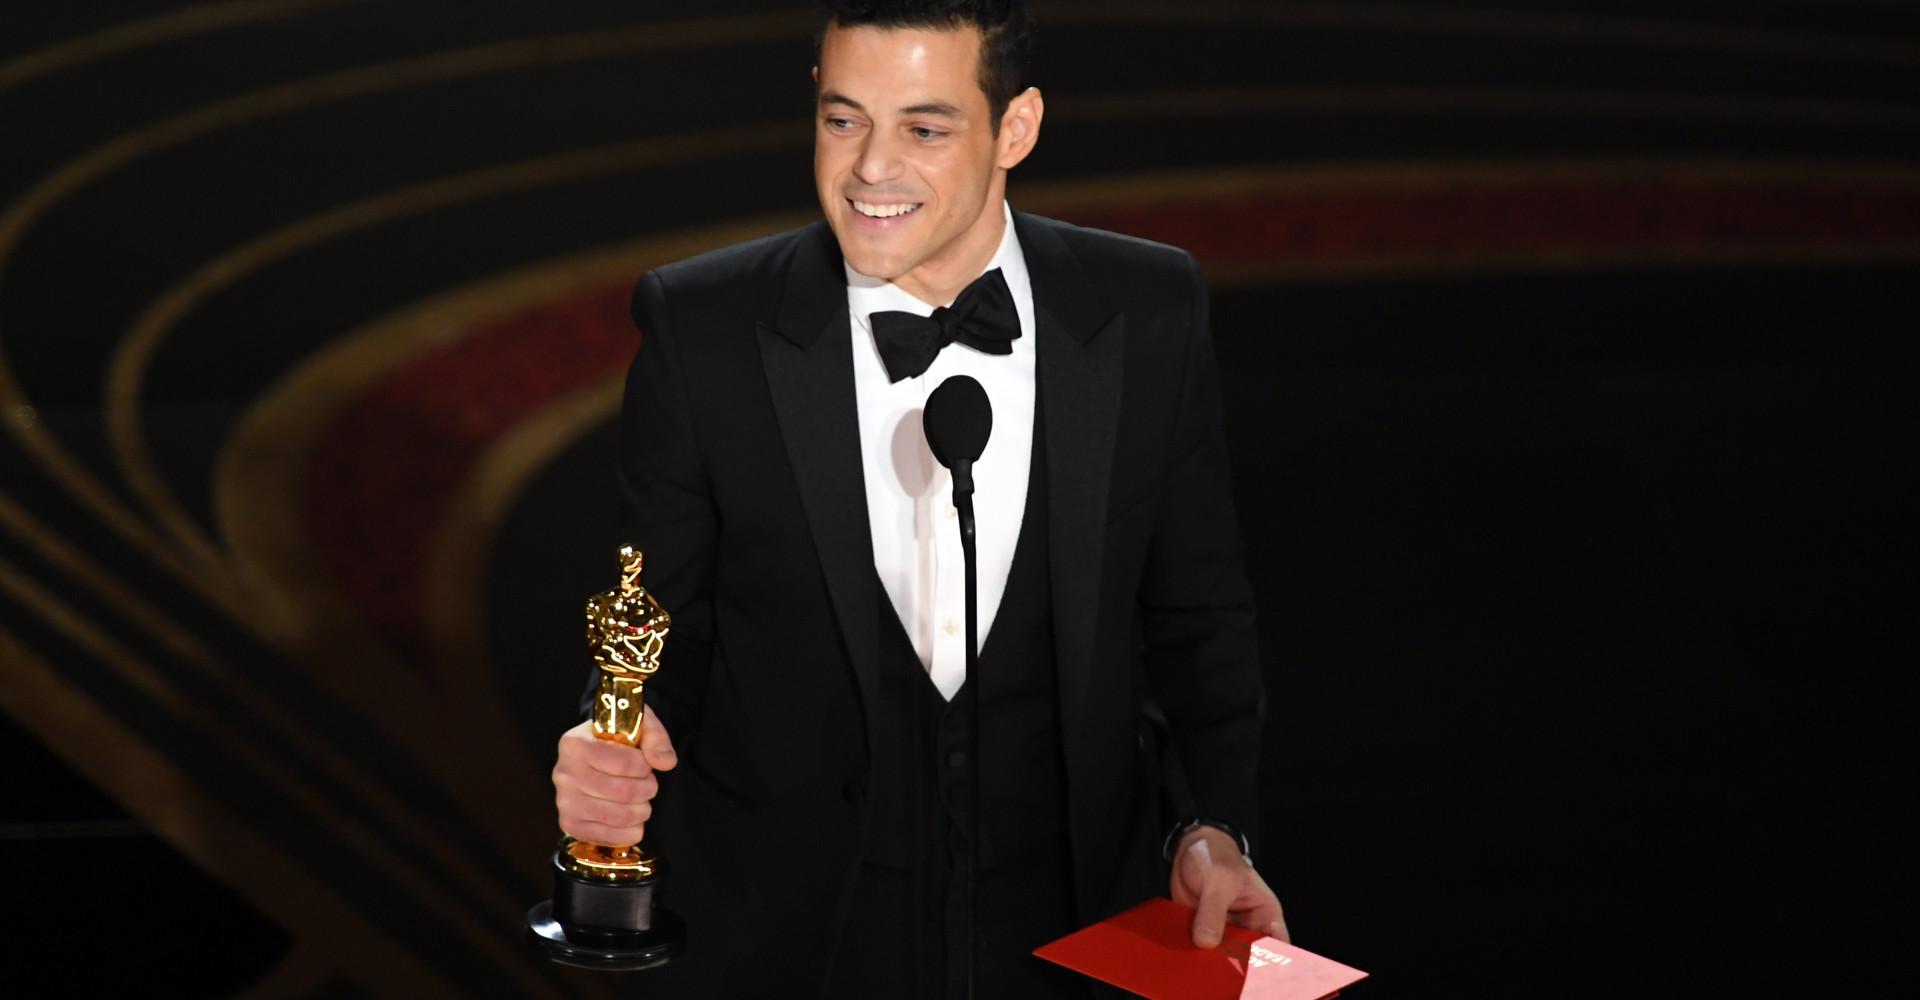 Oscar winner Rami Malek's magnificent roles